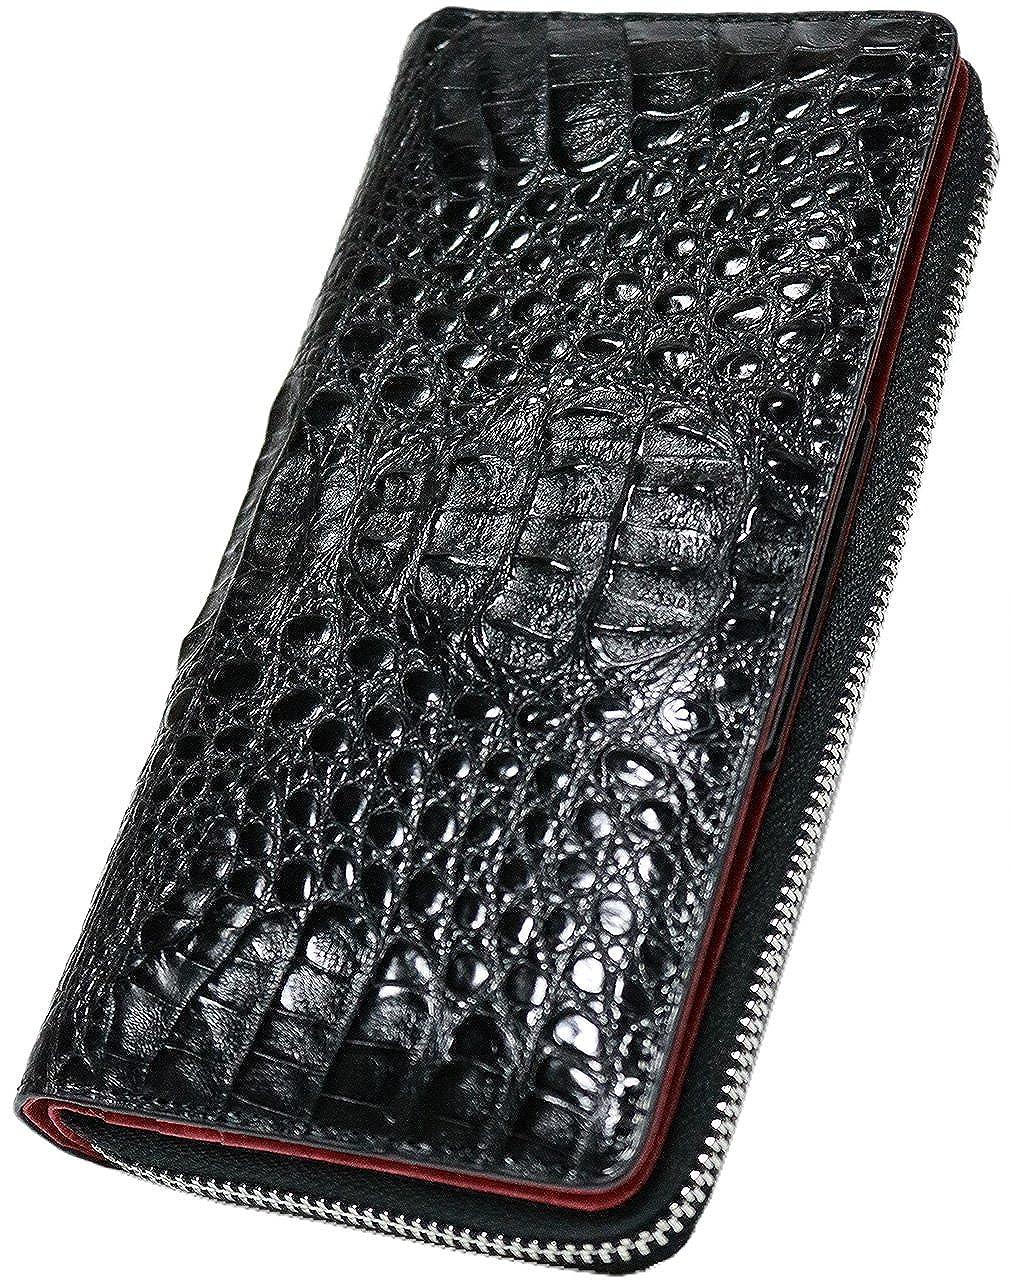 [Berkut] 【本物 クロコダイル革】高級 本革 ワニ革 大容量 黒赤 長財布 ラウンドファスナー ギフトボックス付き 0010054 B07FBV76VP ブラック F